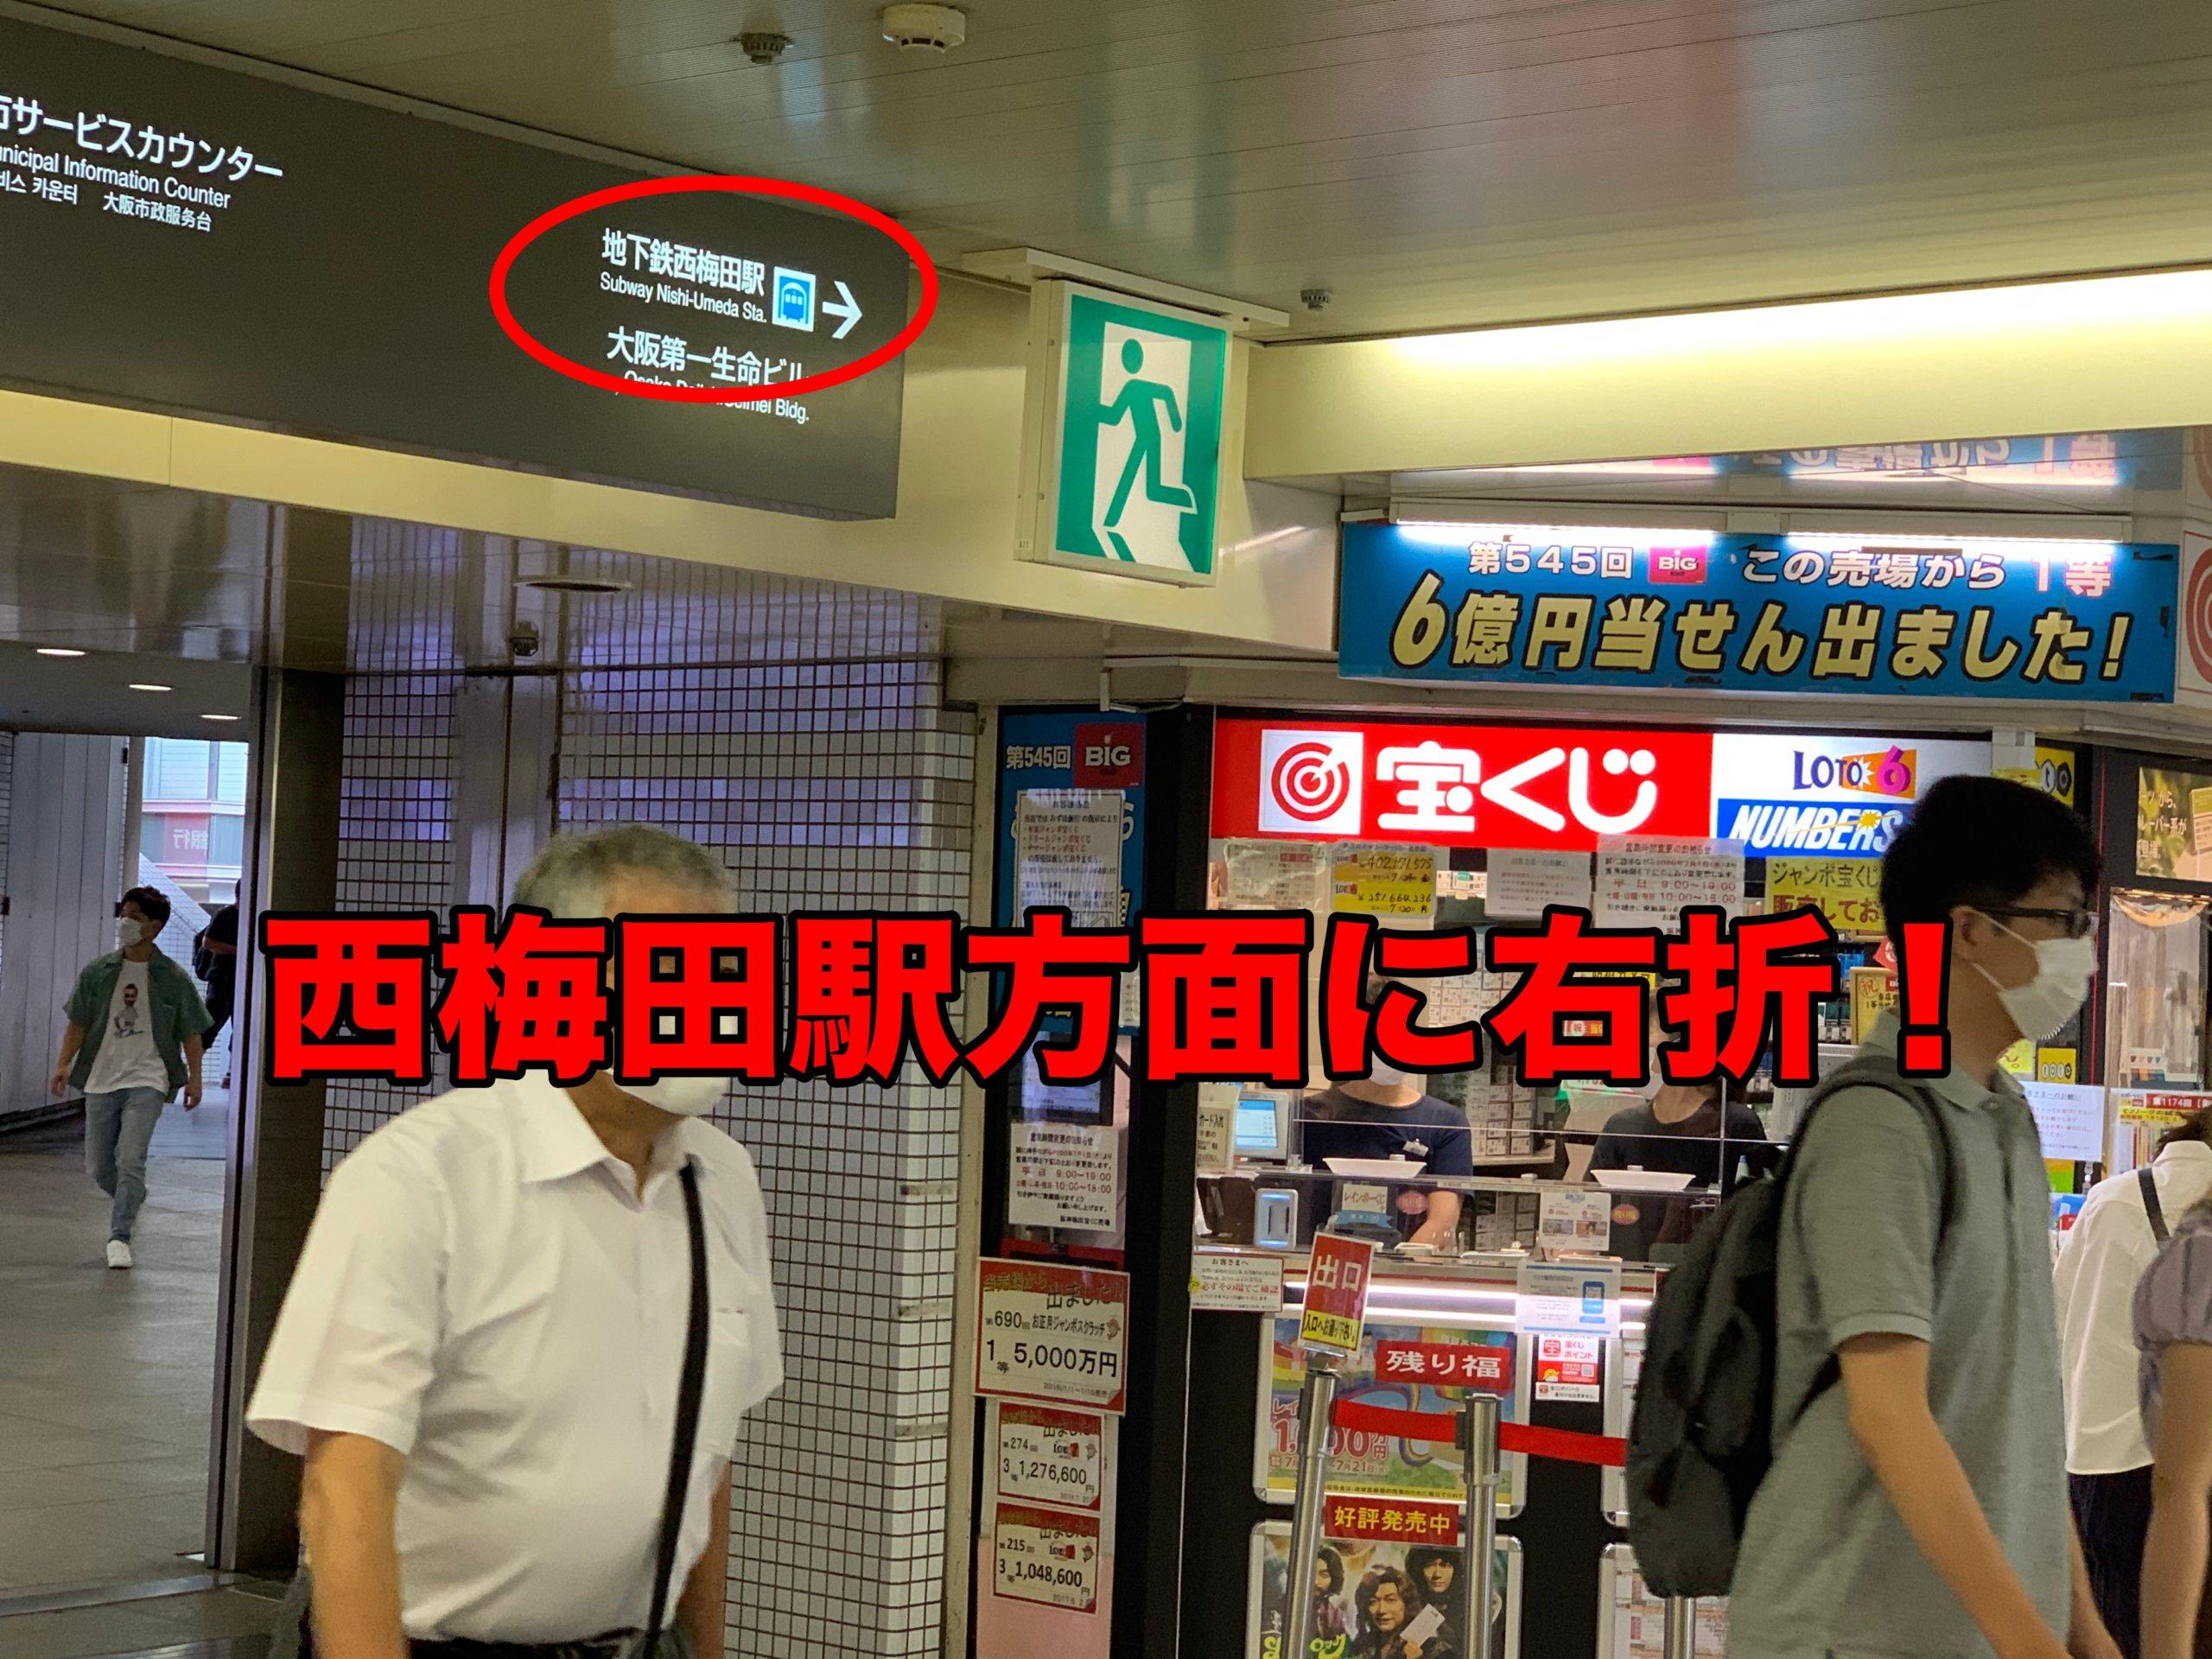 Dクリニック大阪アクセス4